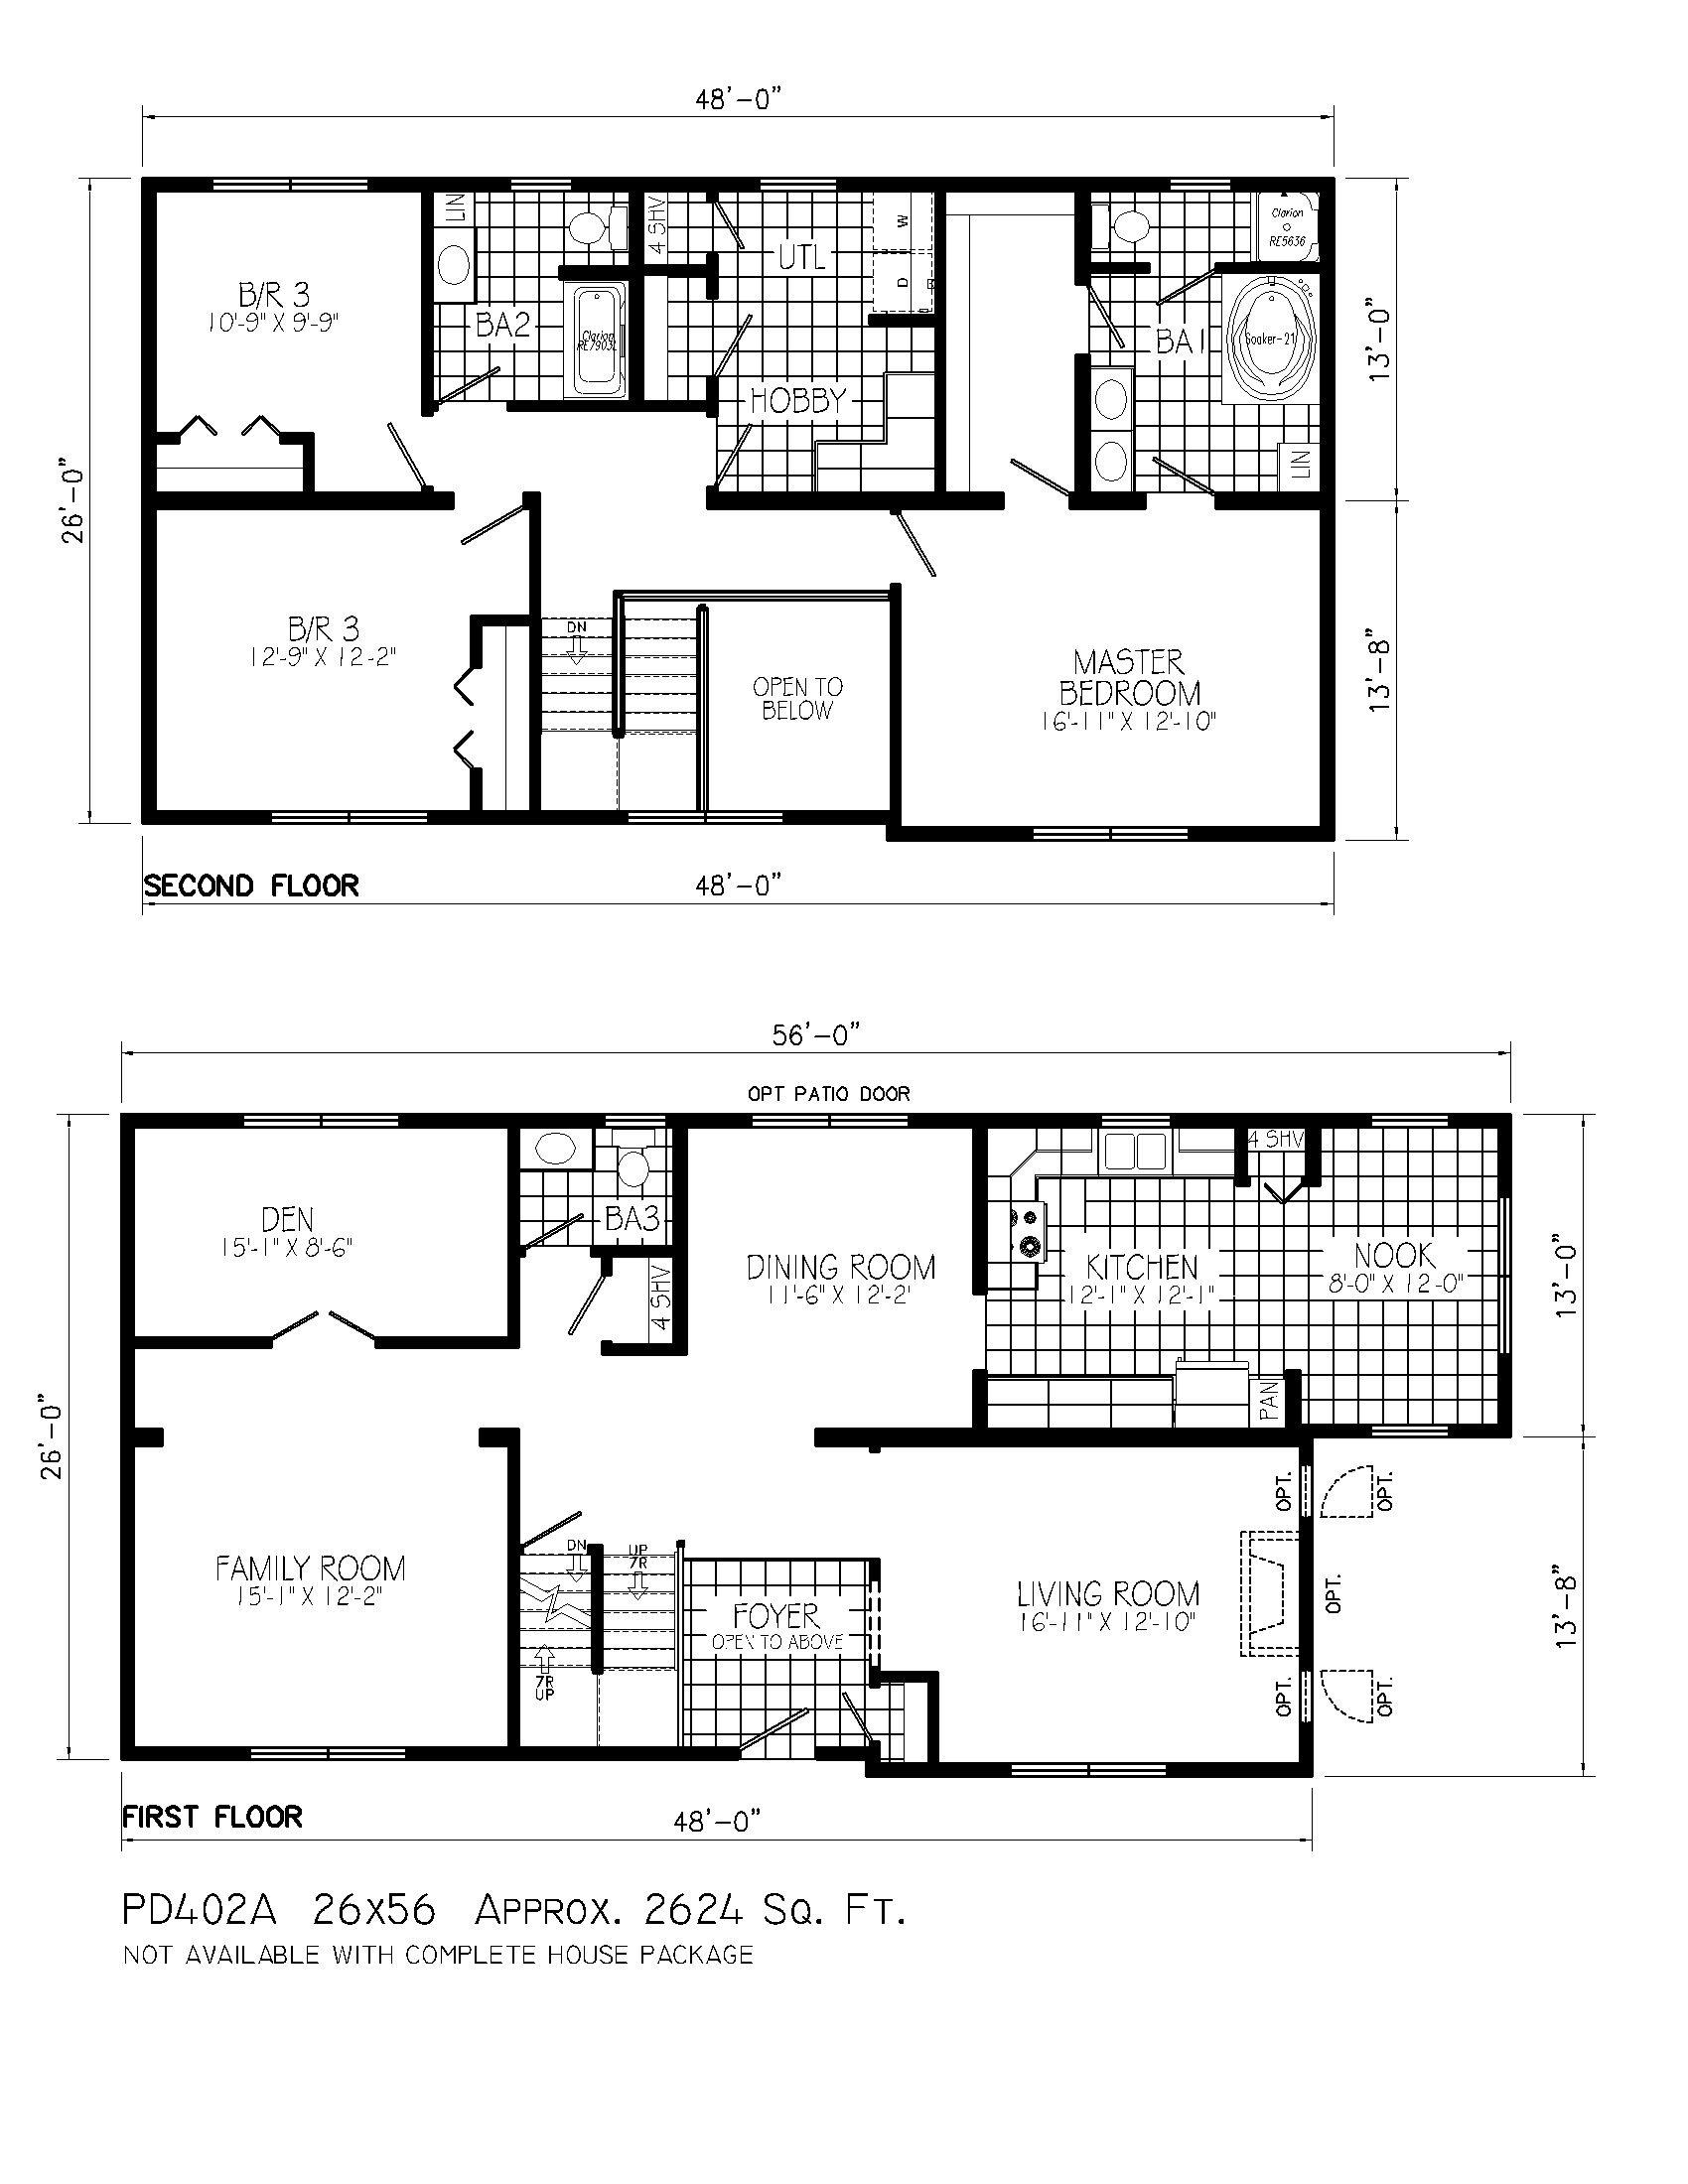 4 Storey Residential Building Floor Plan